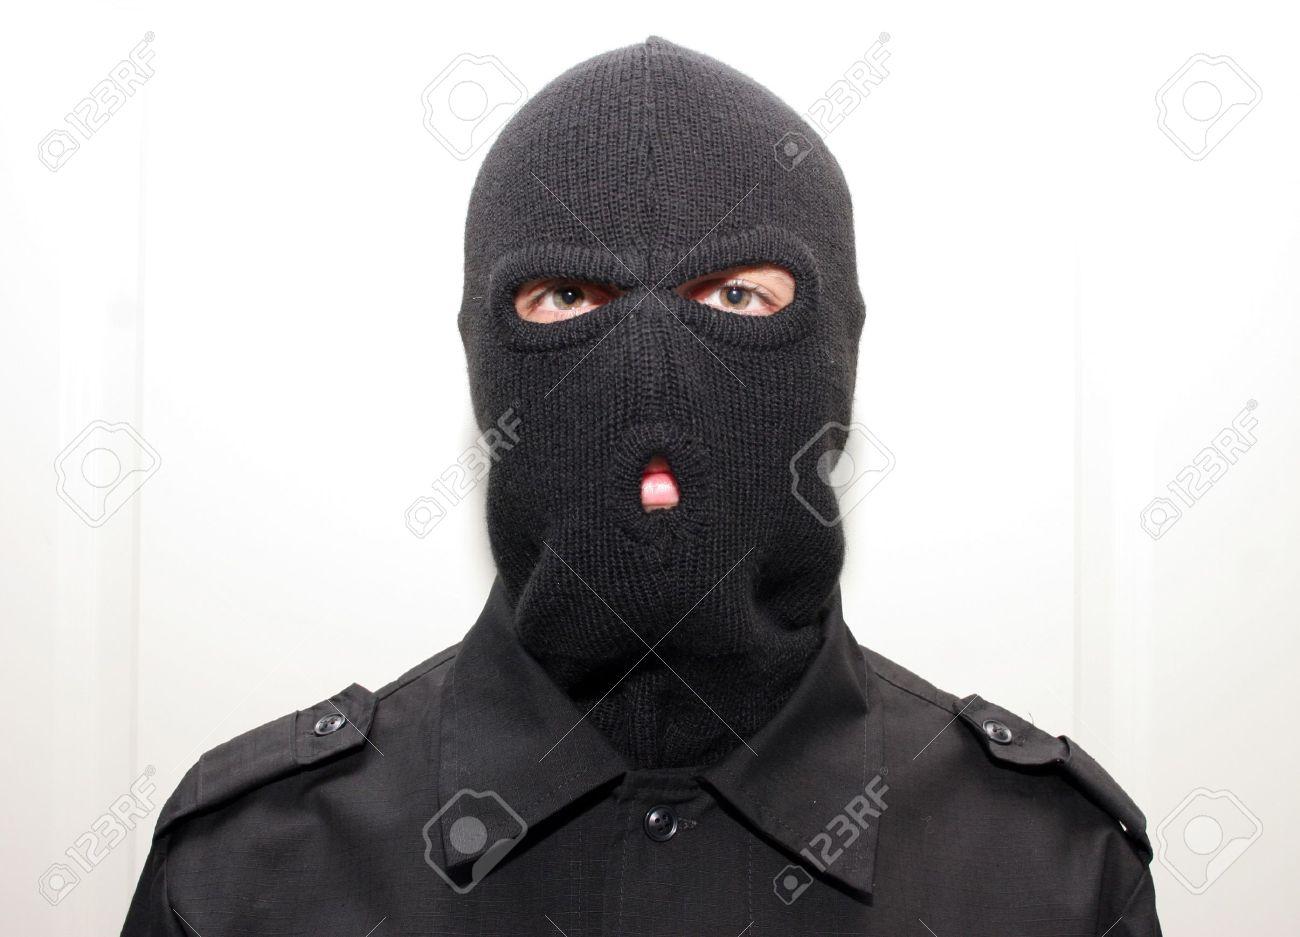 an burglar wearing a ski mask (balaclava) Stock Photo - 4483452 f6e5fed74cc